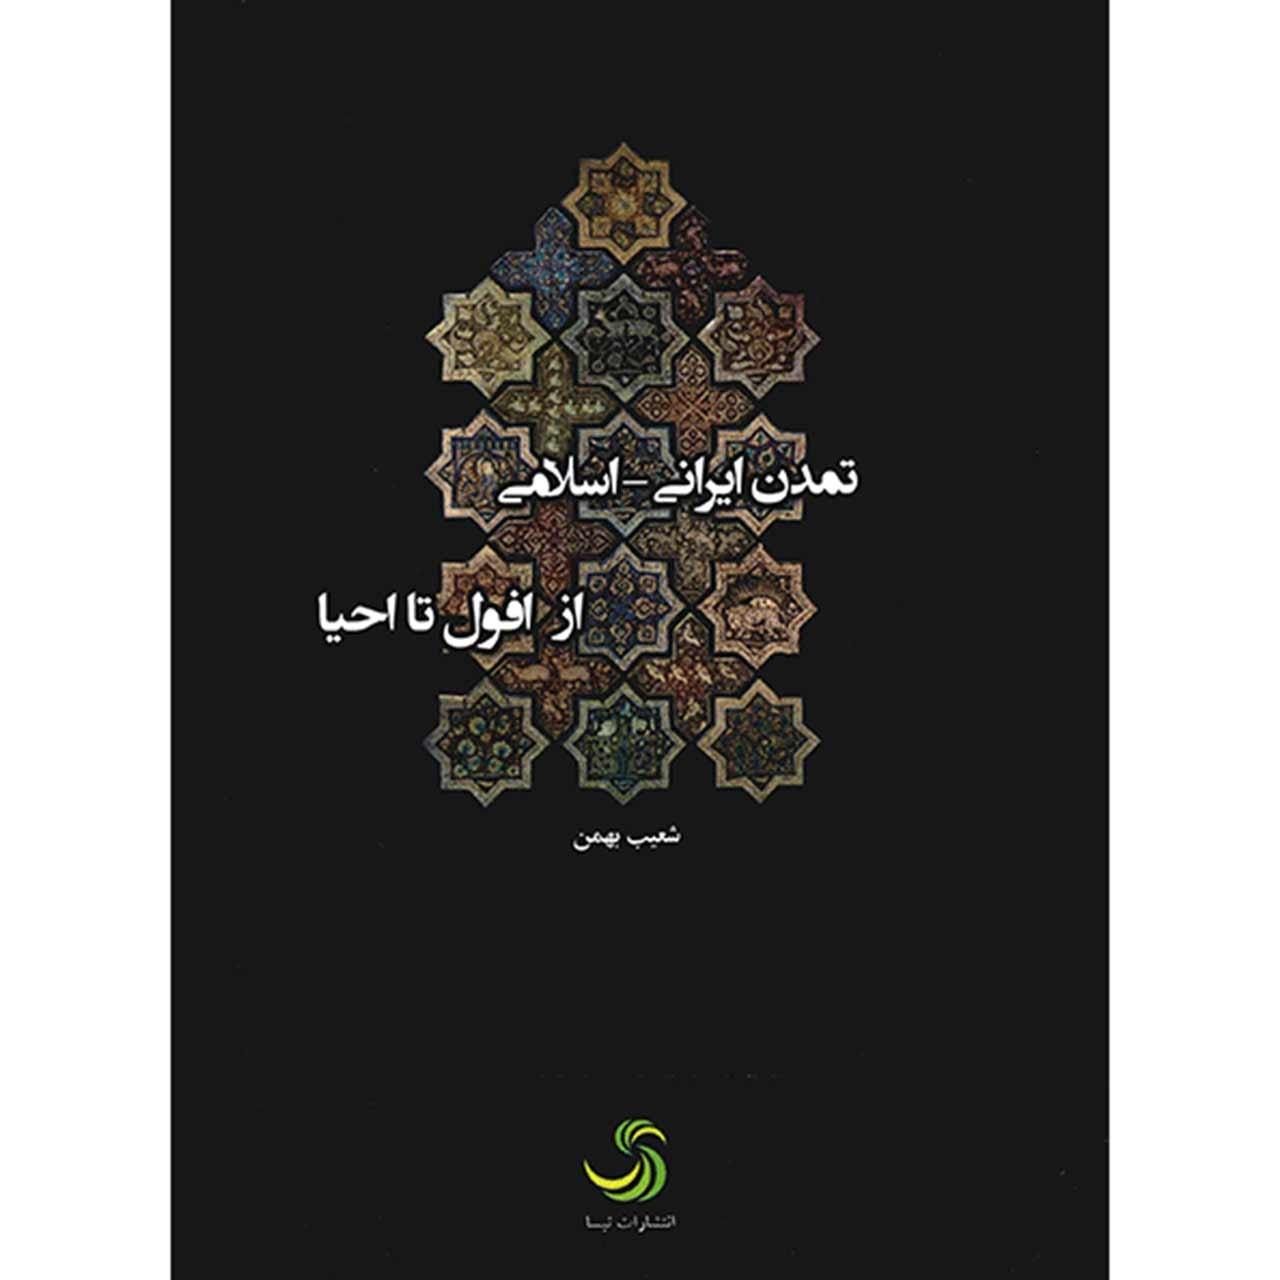 کتاب تمدن ایرانی - اسلامی از افول تا احیا اثر شعیب بهمن